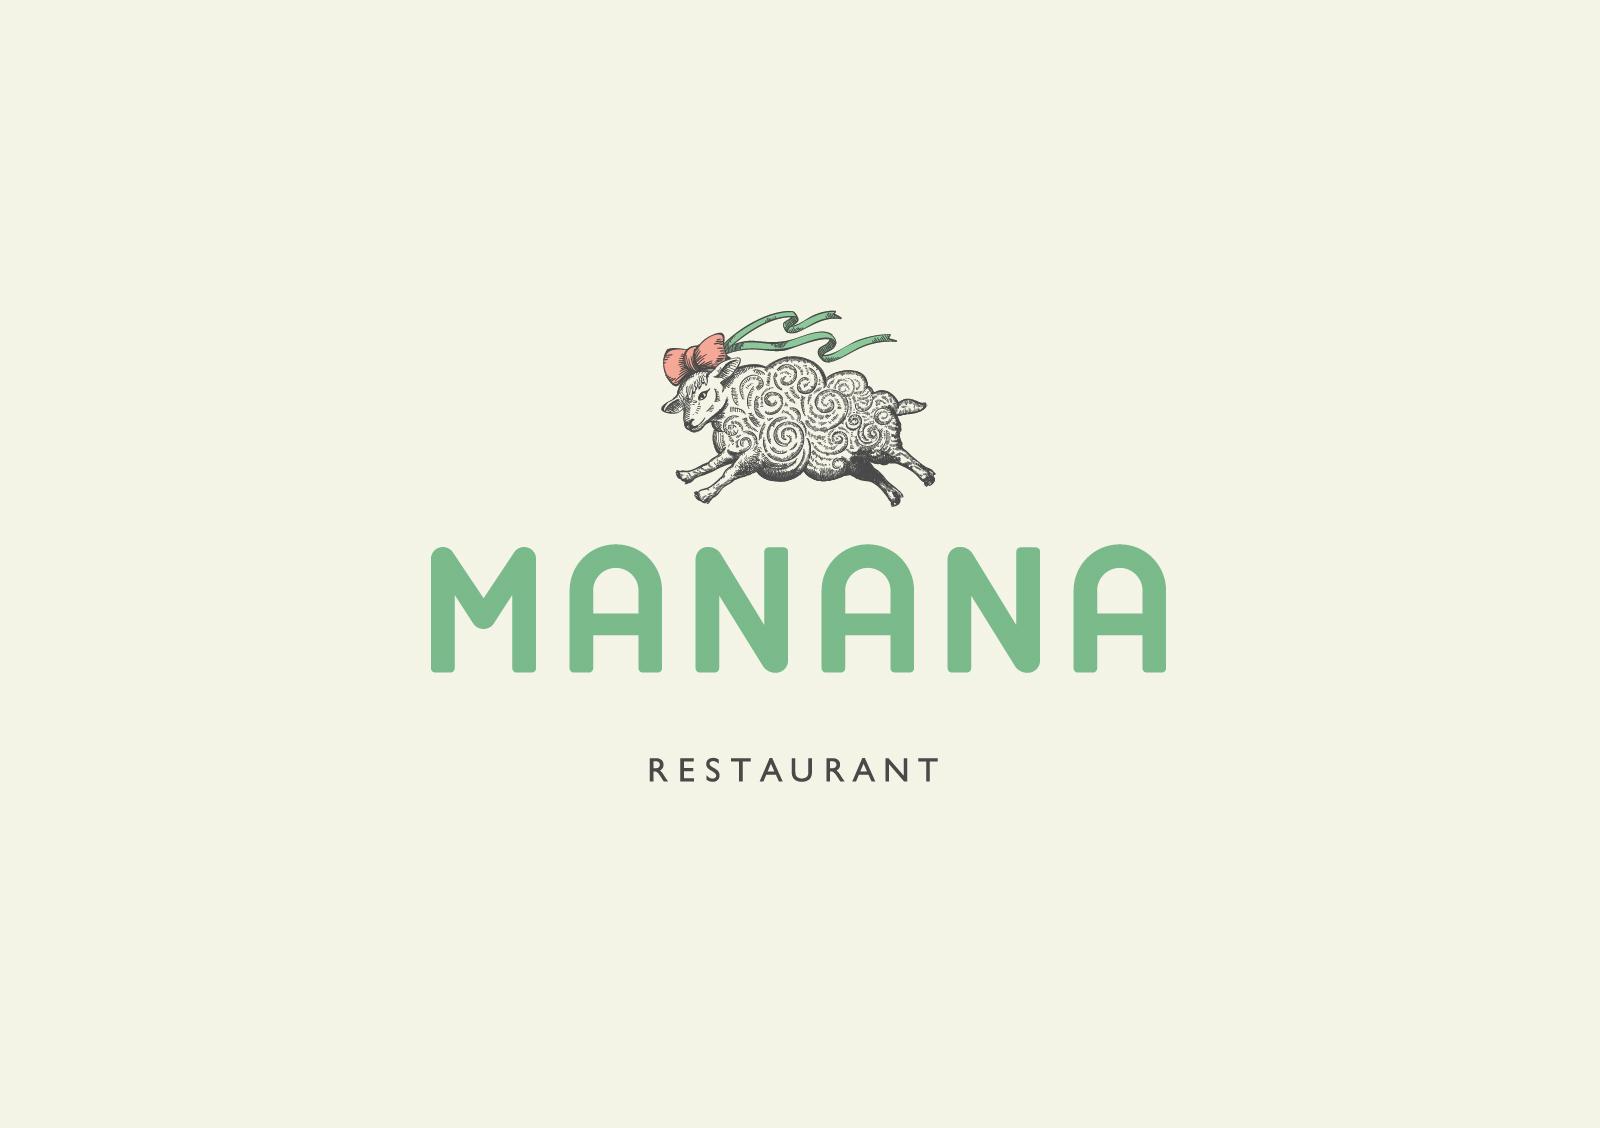 MANA_01